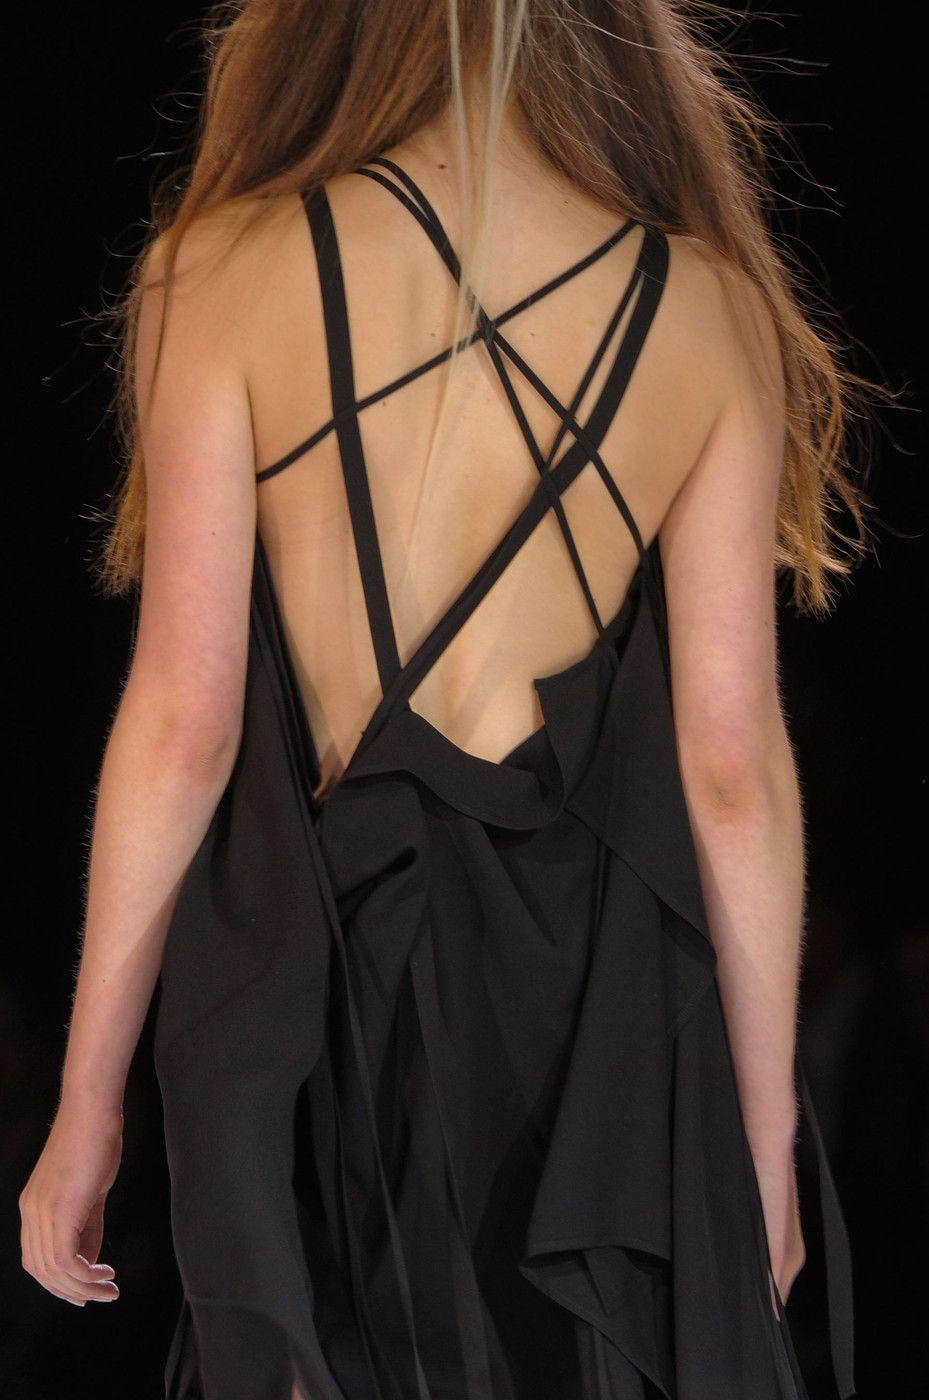 194 details photos of Yohji Yamamoto at Paris Fashion Week Spring 2013.